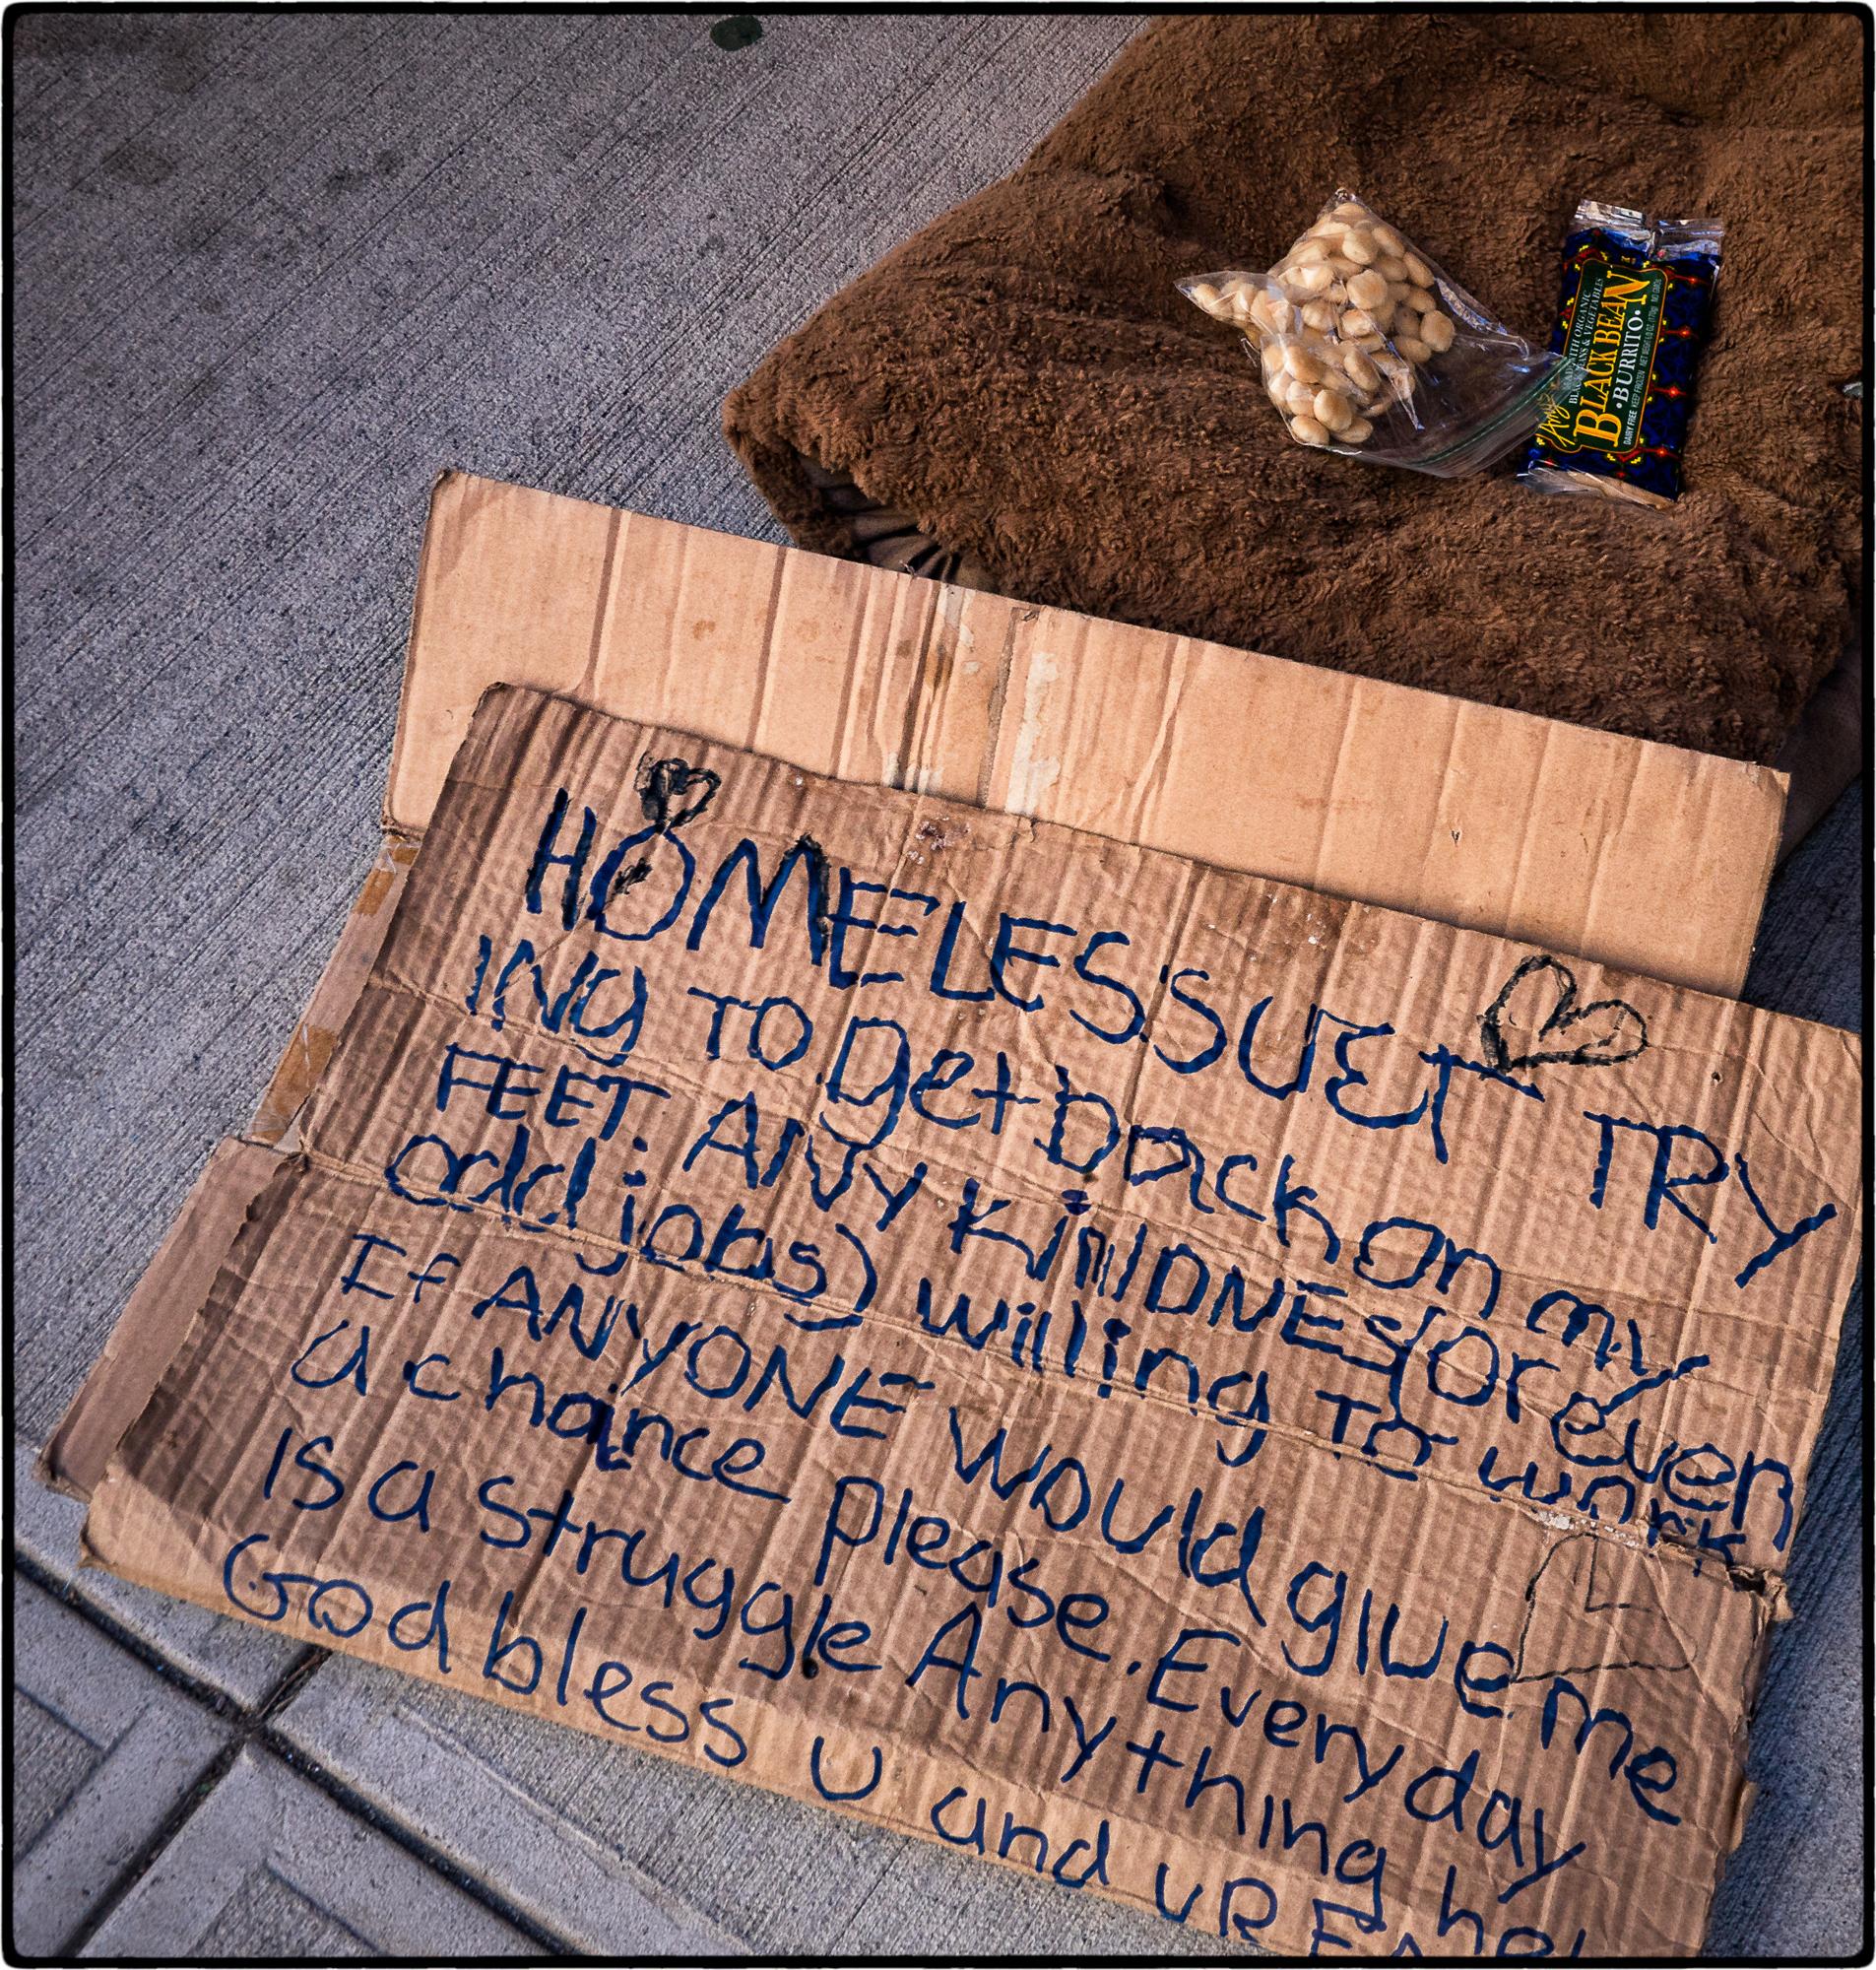 2016-Homeless_01.jpg